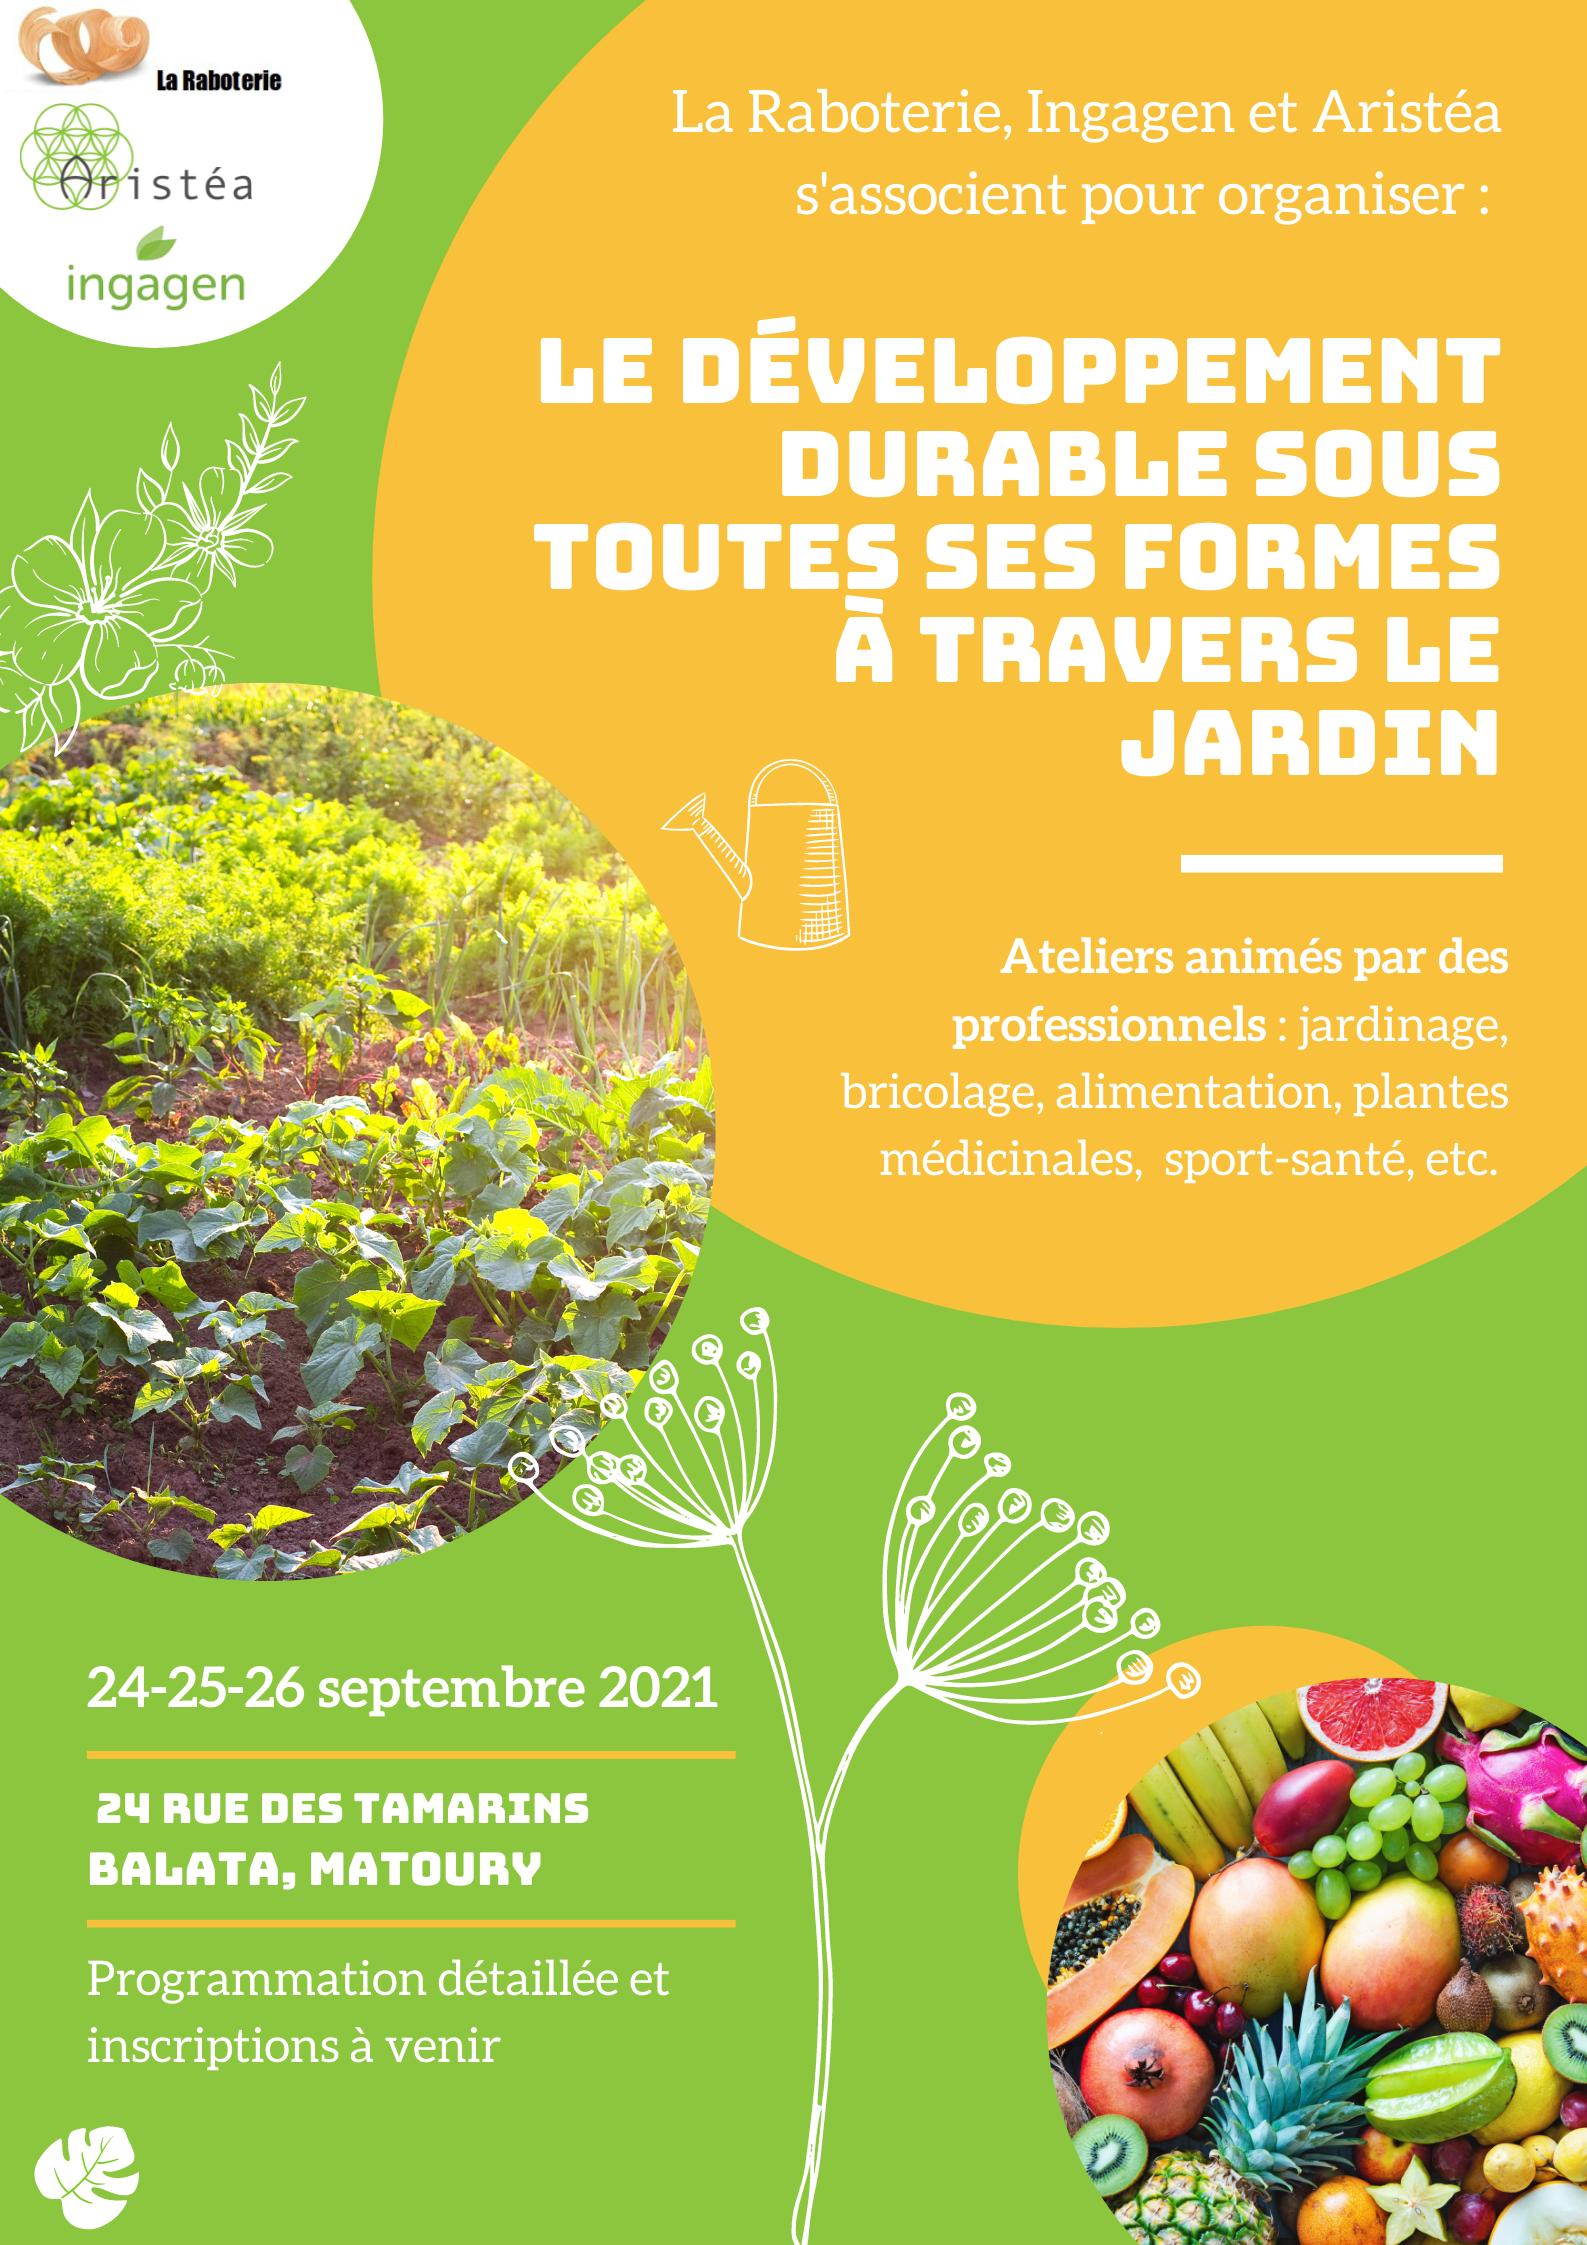 Le développement durable sous toutes ses formes à travers le jardin